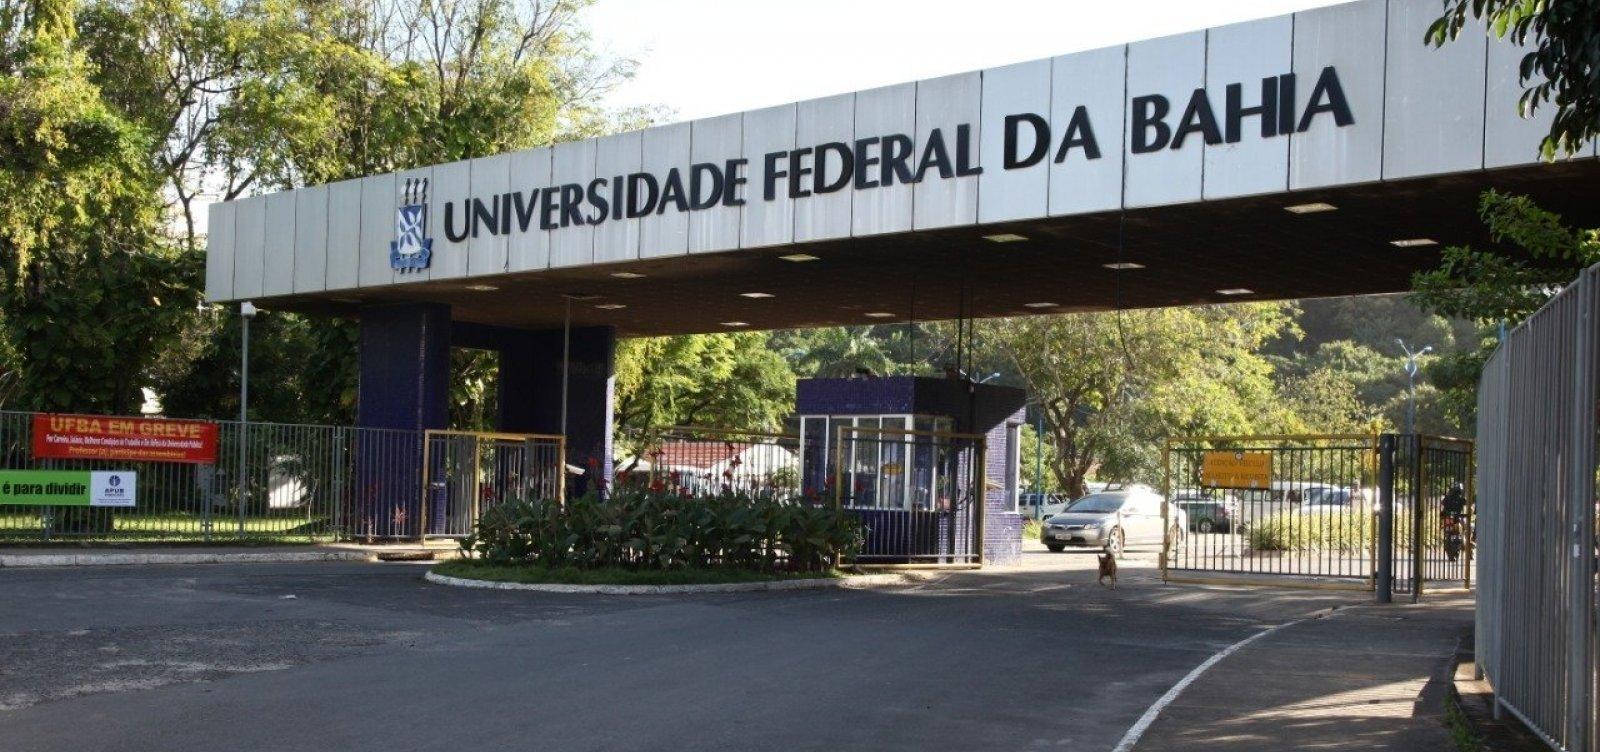 Mesmo com liberação de verba, Ufba vai manter medidas de contingenciamento